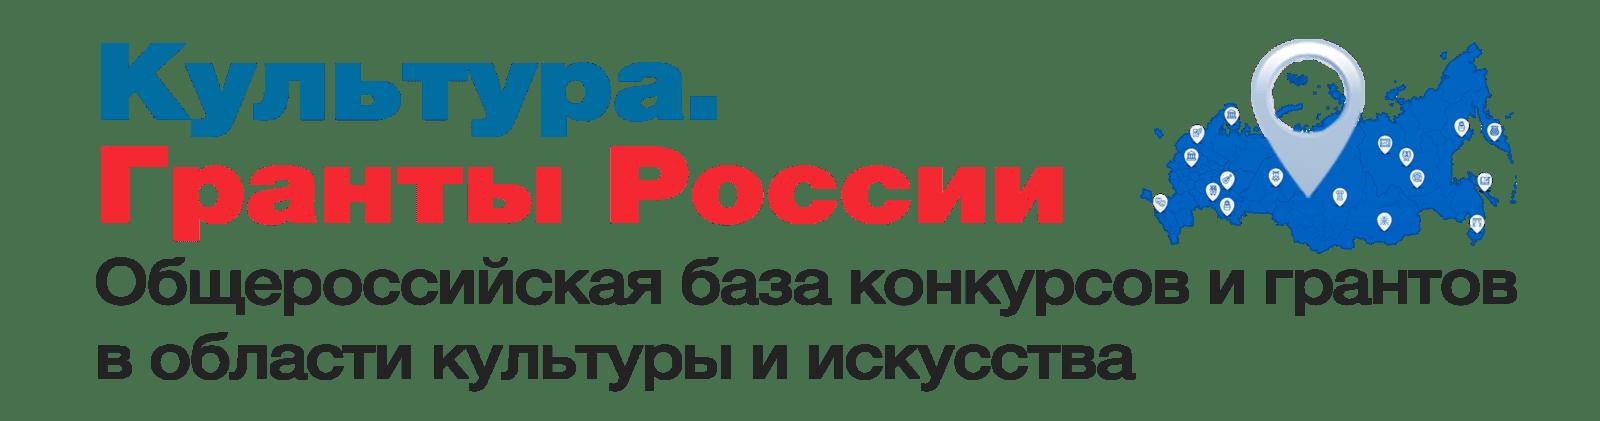 banner-190x50